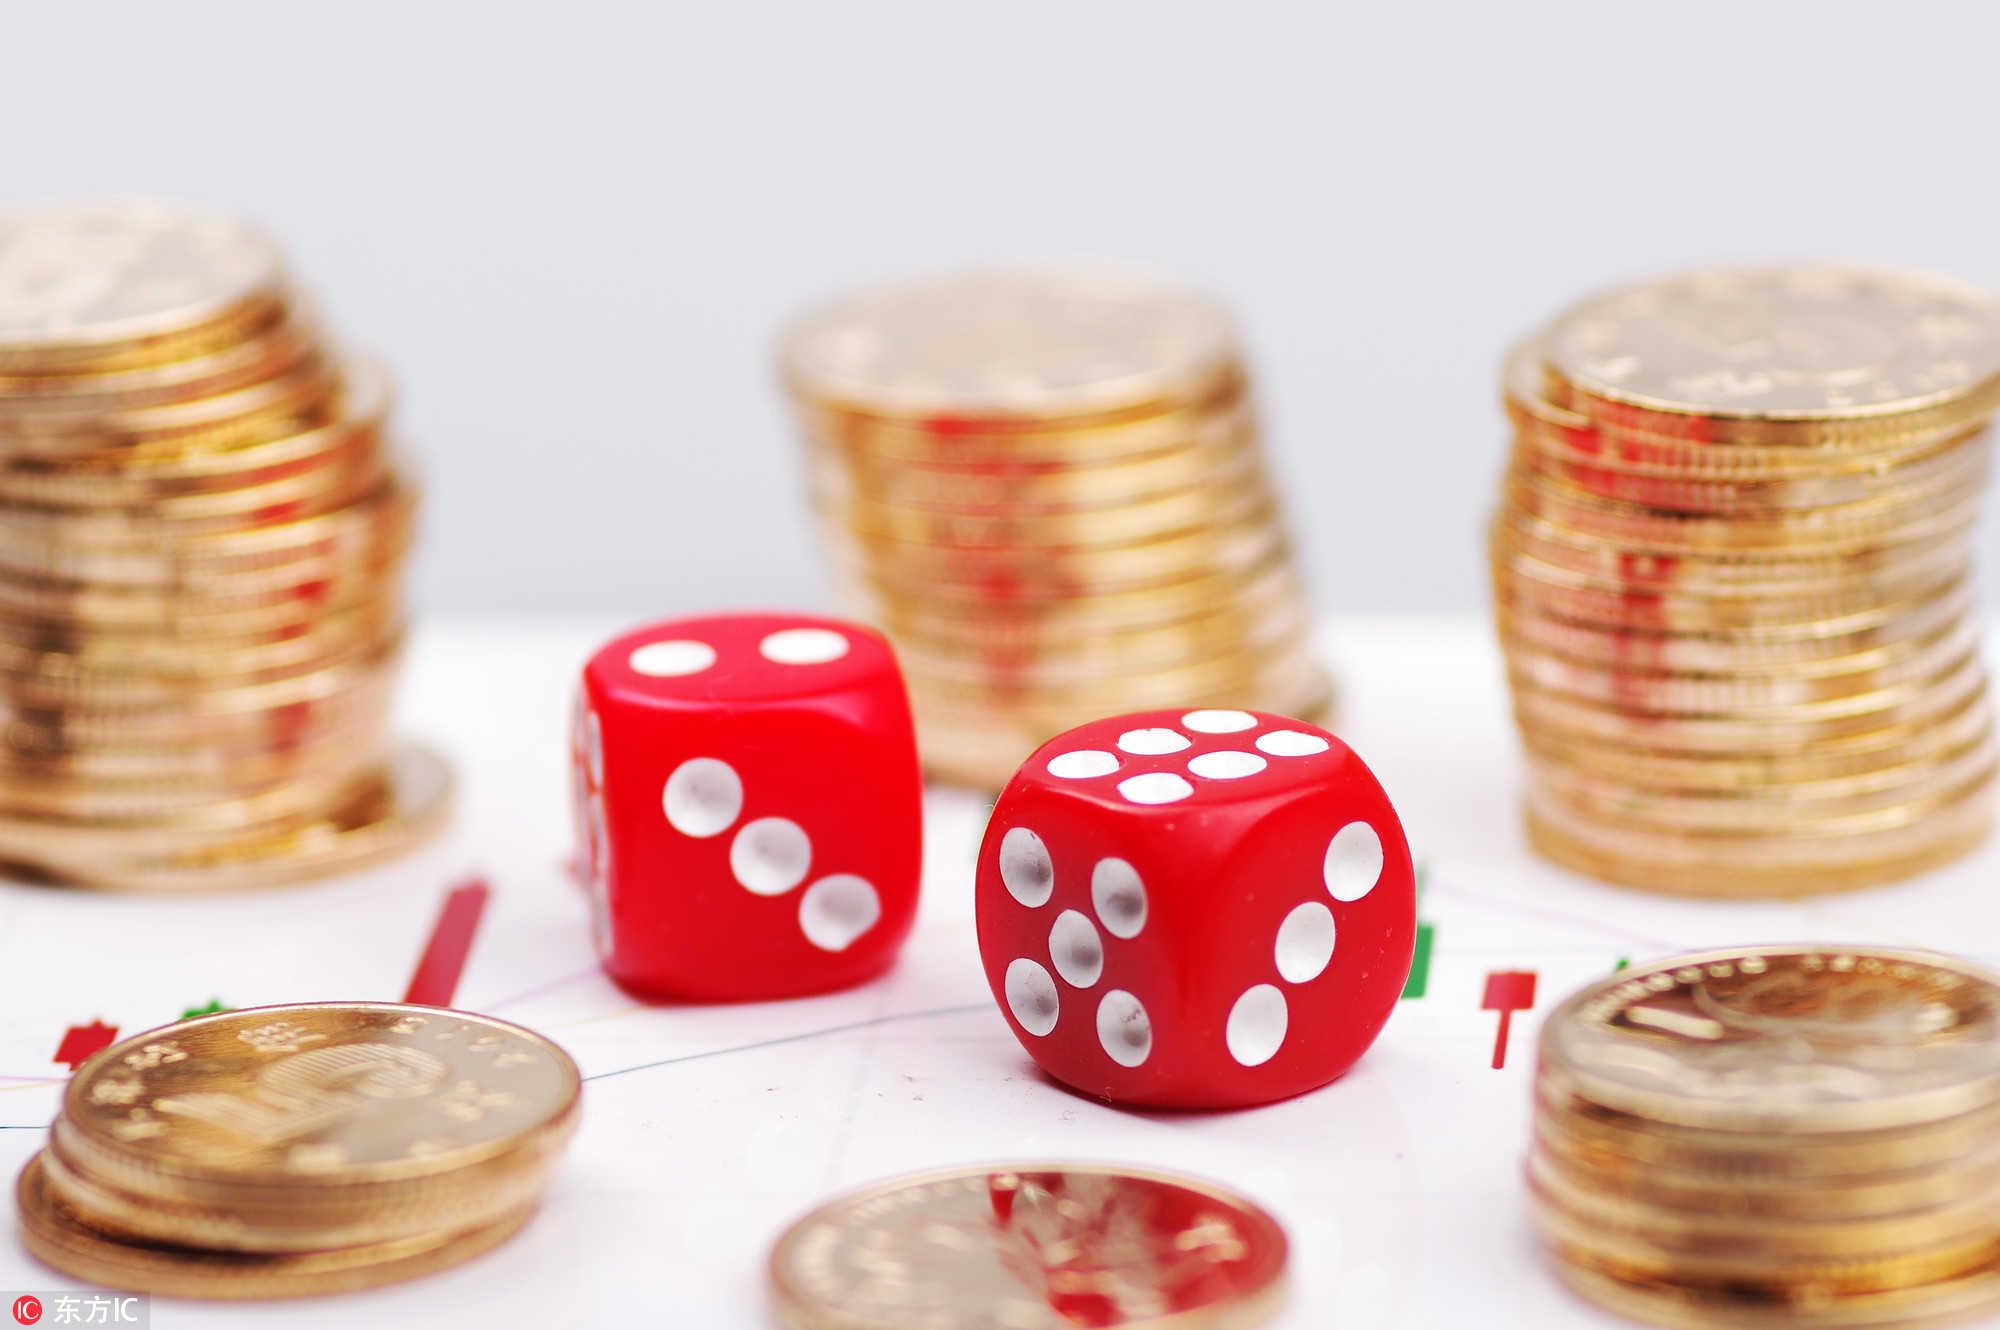 港股复盘:恒指再度上涨0.21%,澳门博彩股集体上涨